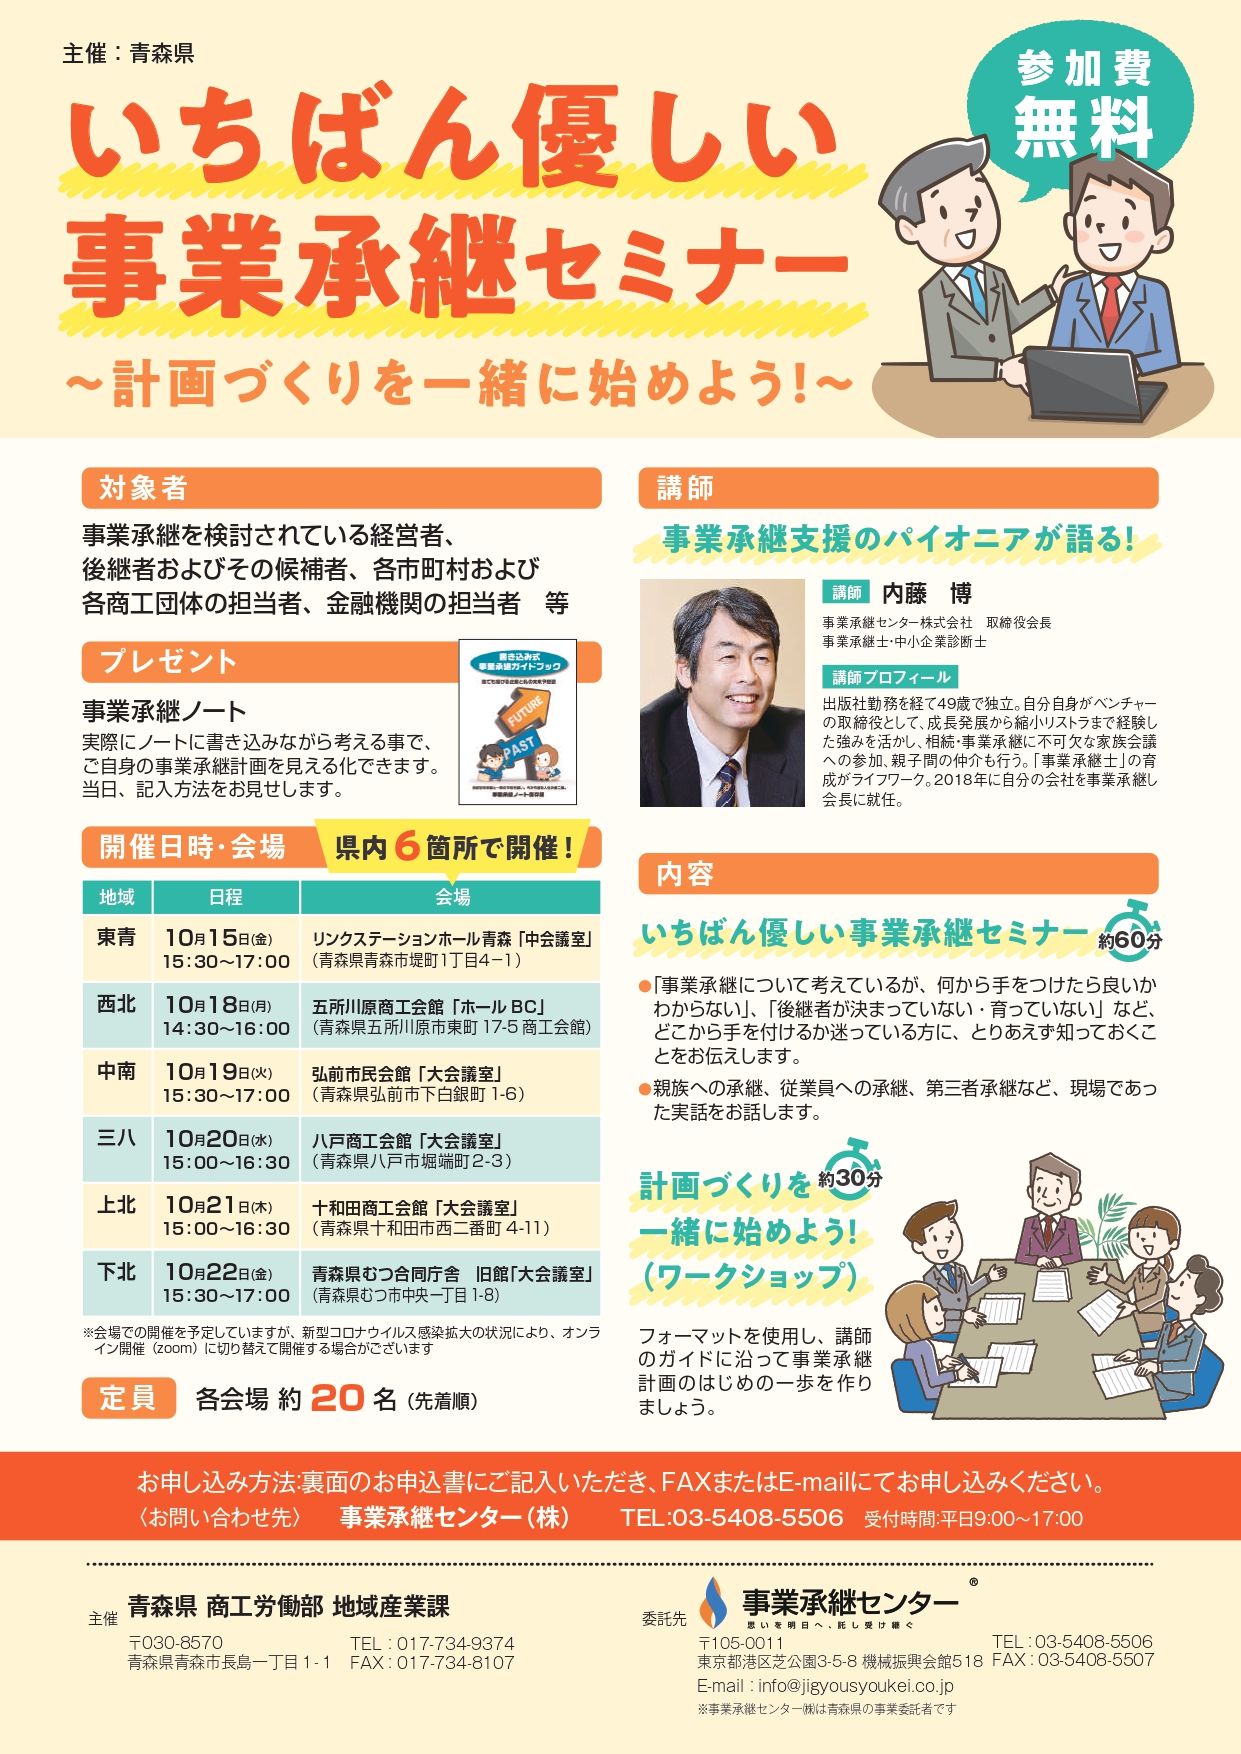 【青森県】令和3年度 事業承継初任者研修会